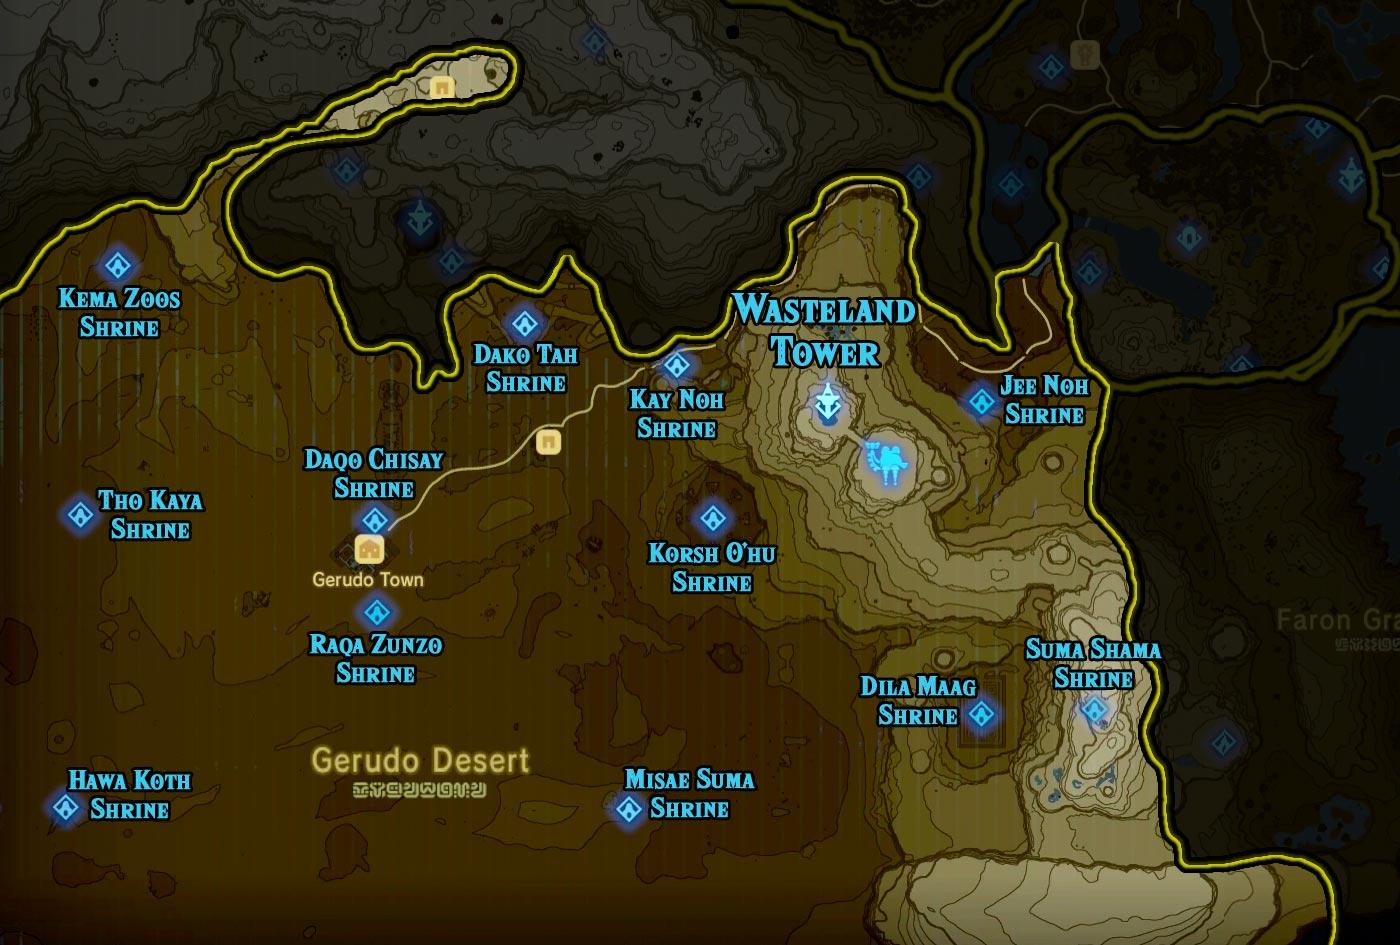 Wasteland Tower region